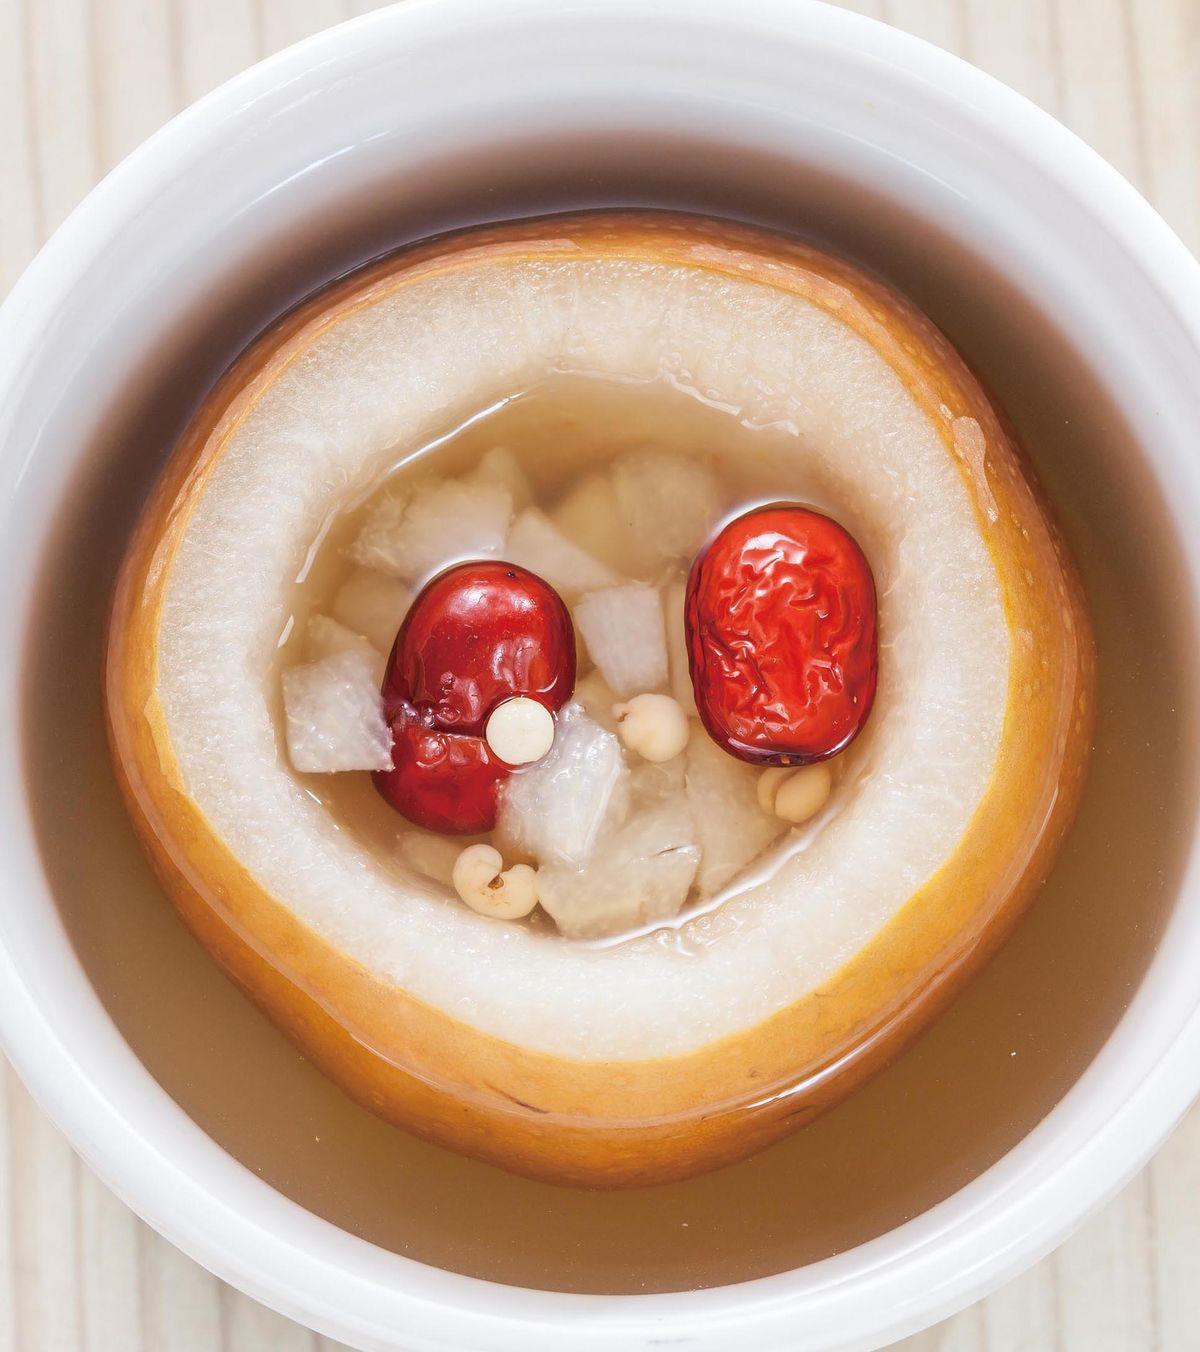 食譜:冰糖貝母雪梨甜湯